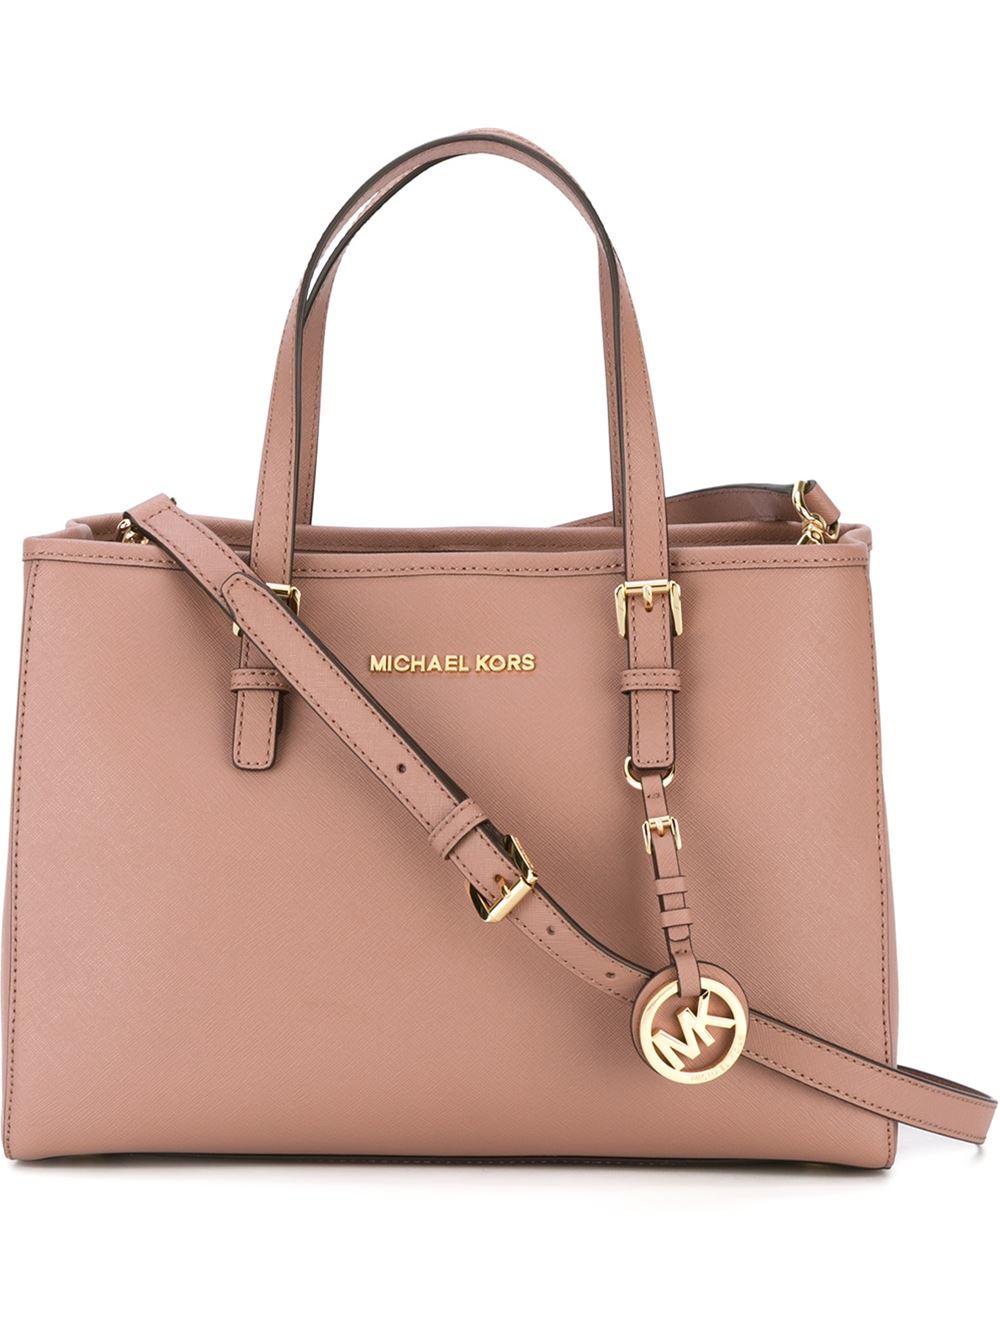 c3af0ef73ff1 MICHAEL Michael Kors Jet Set Travel Medium Tote Bag in Pink - Lyst